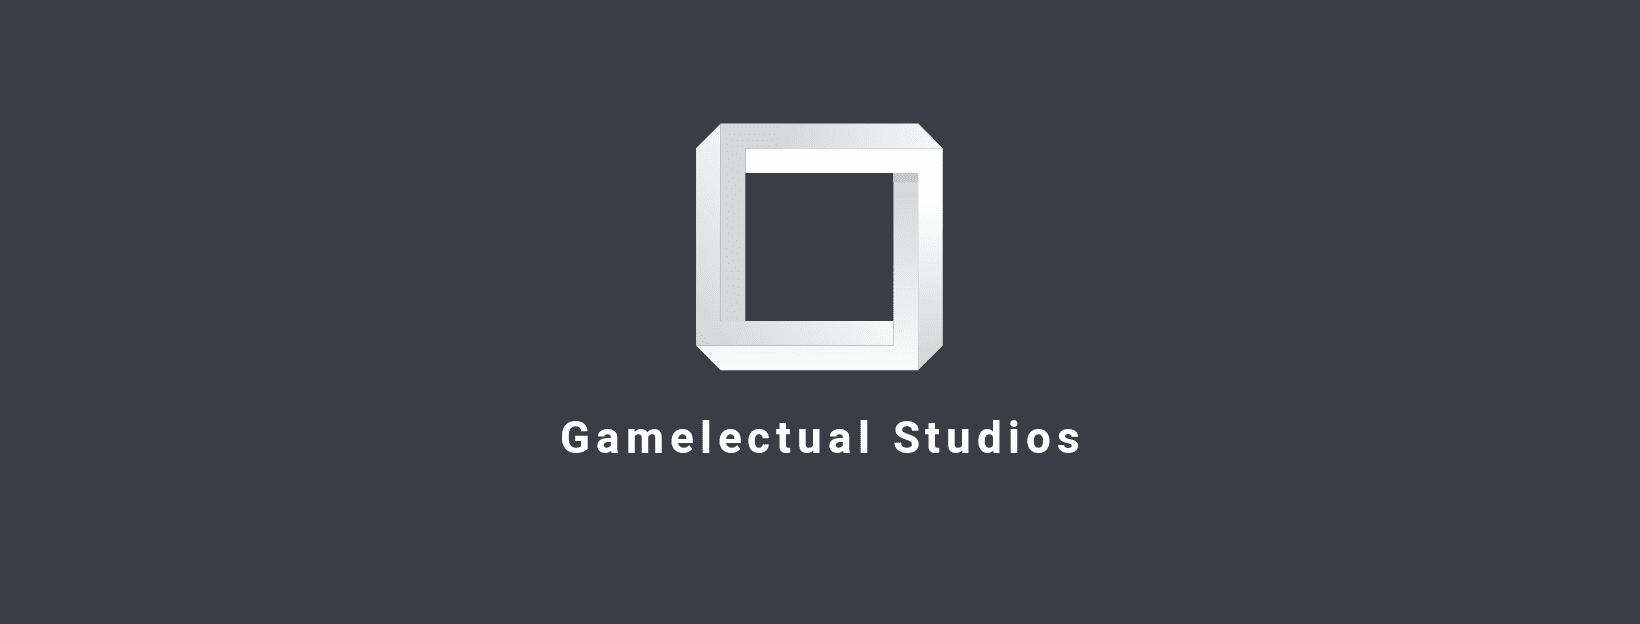 Adobe Dimension CC Renderings – Gamelectual Studios